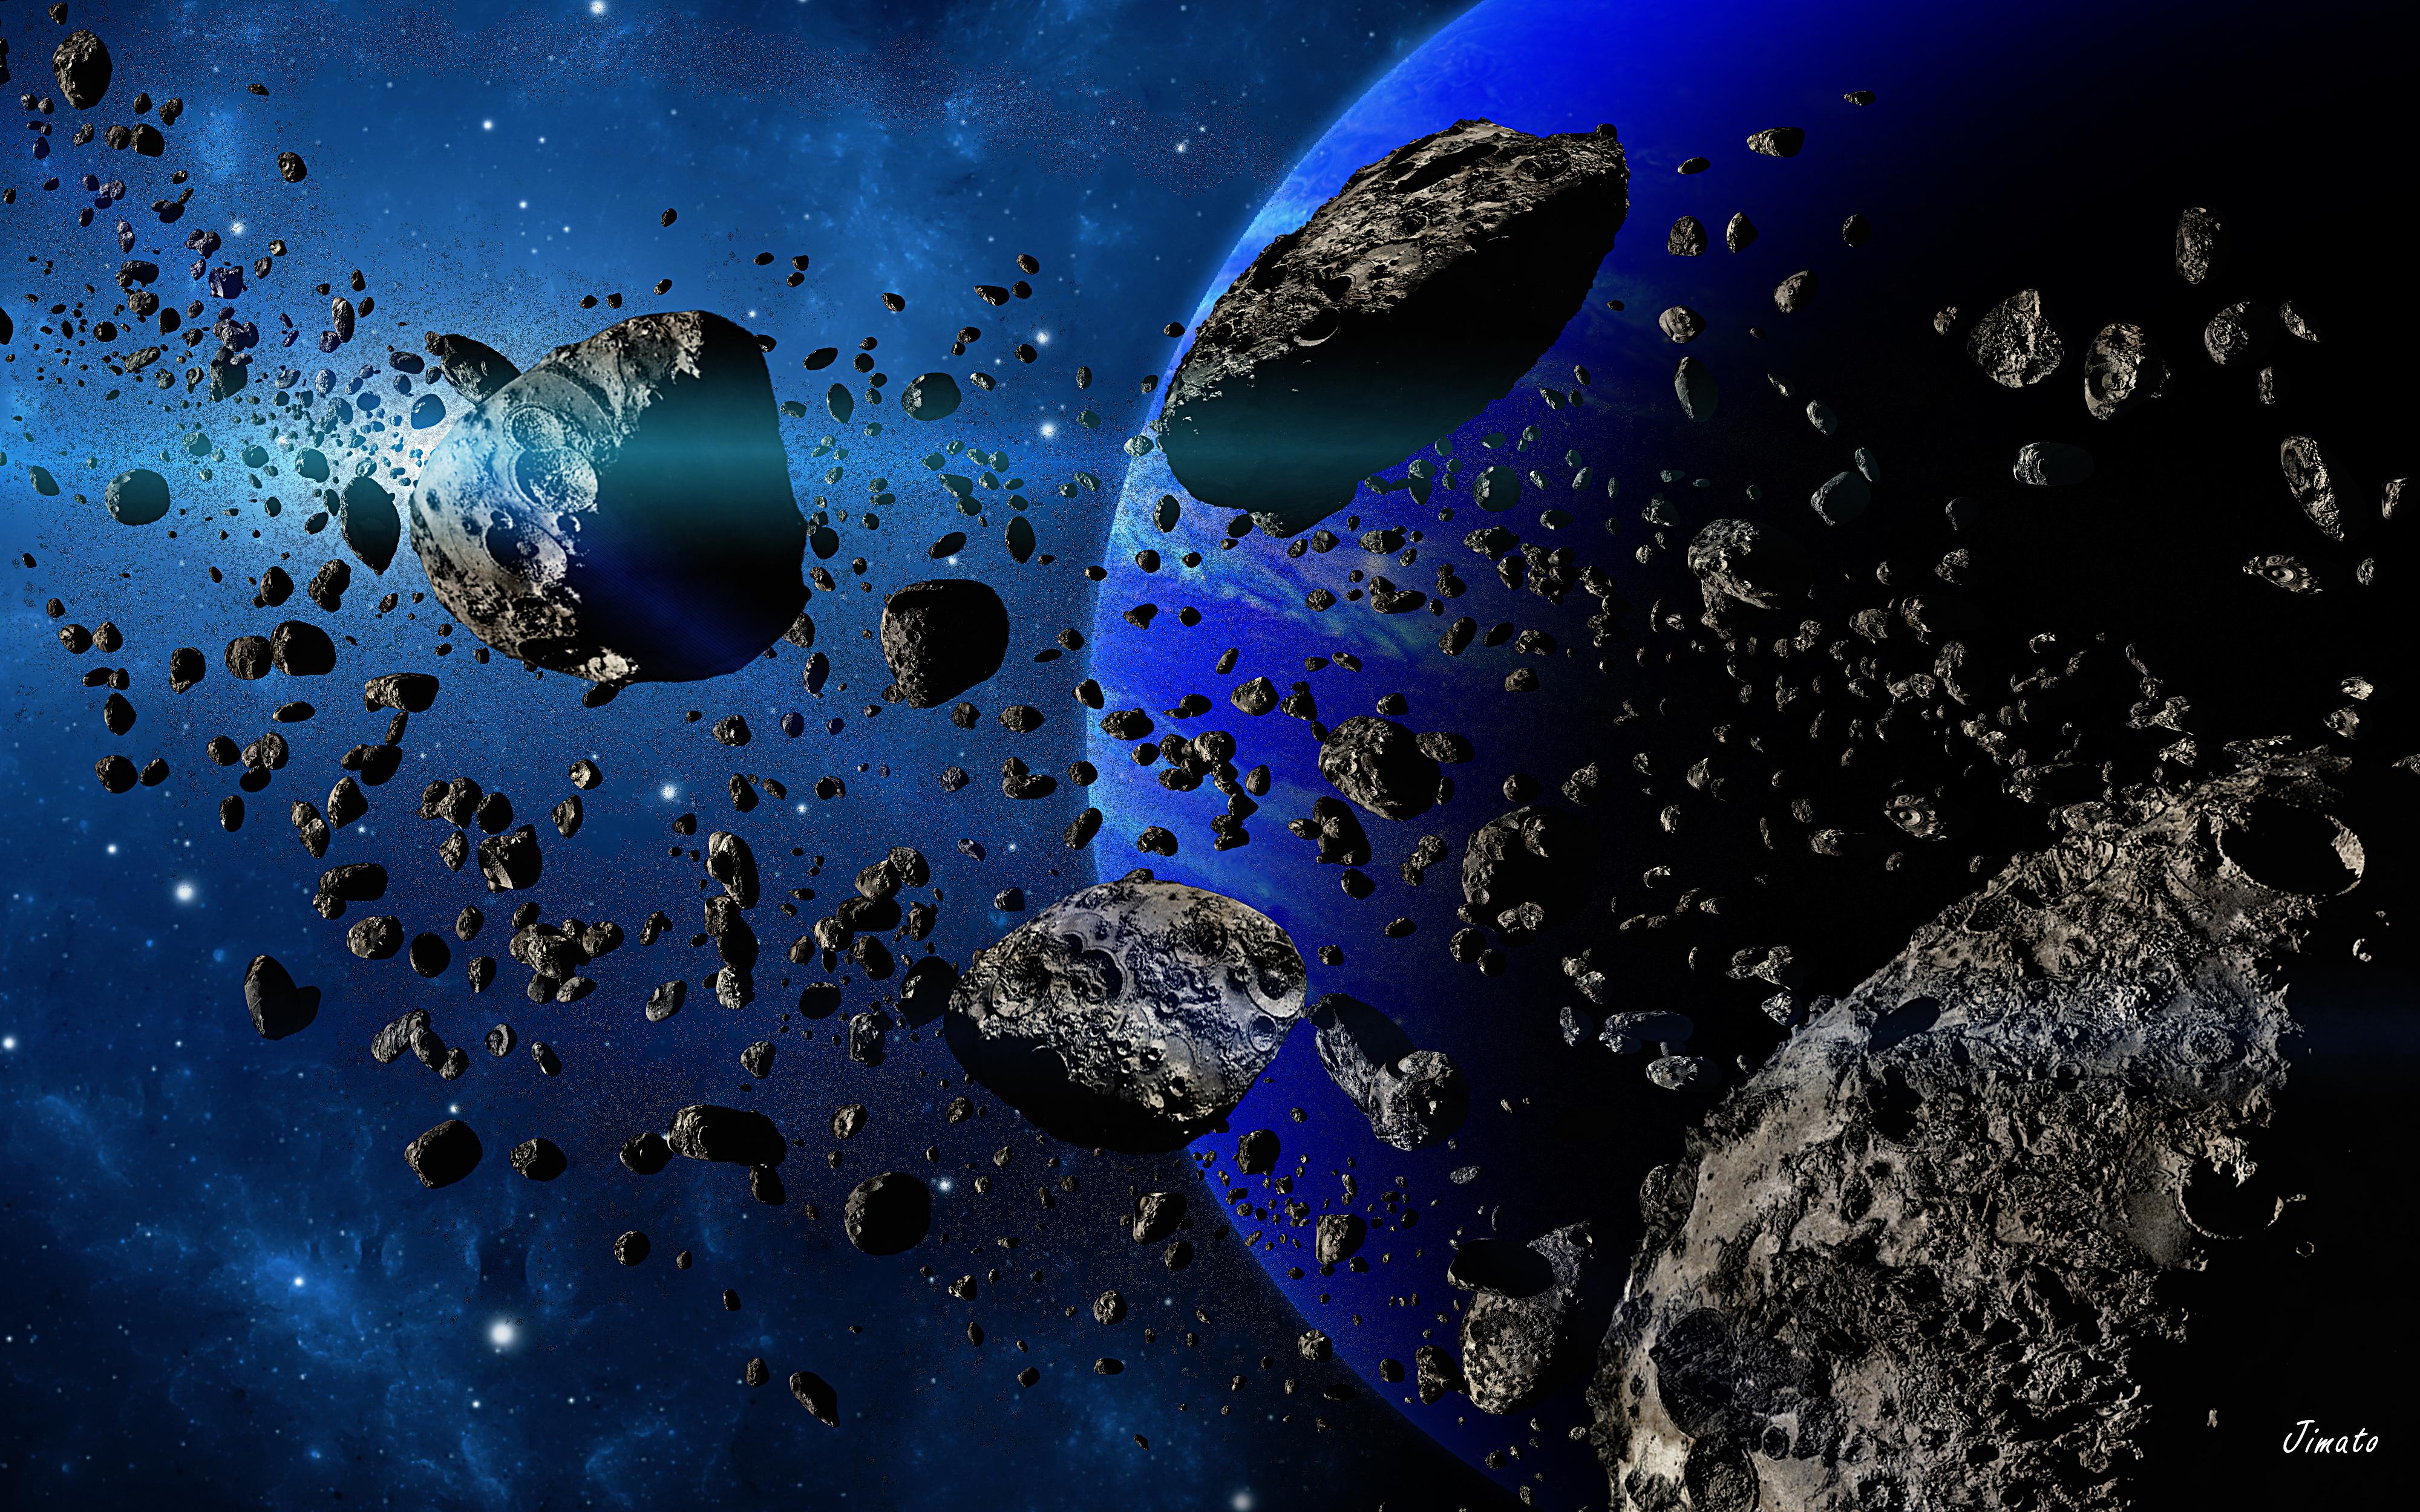 Обои Между планет картинки на рабочий стол на тему Космос - скачать  № 1763238 без смс